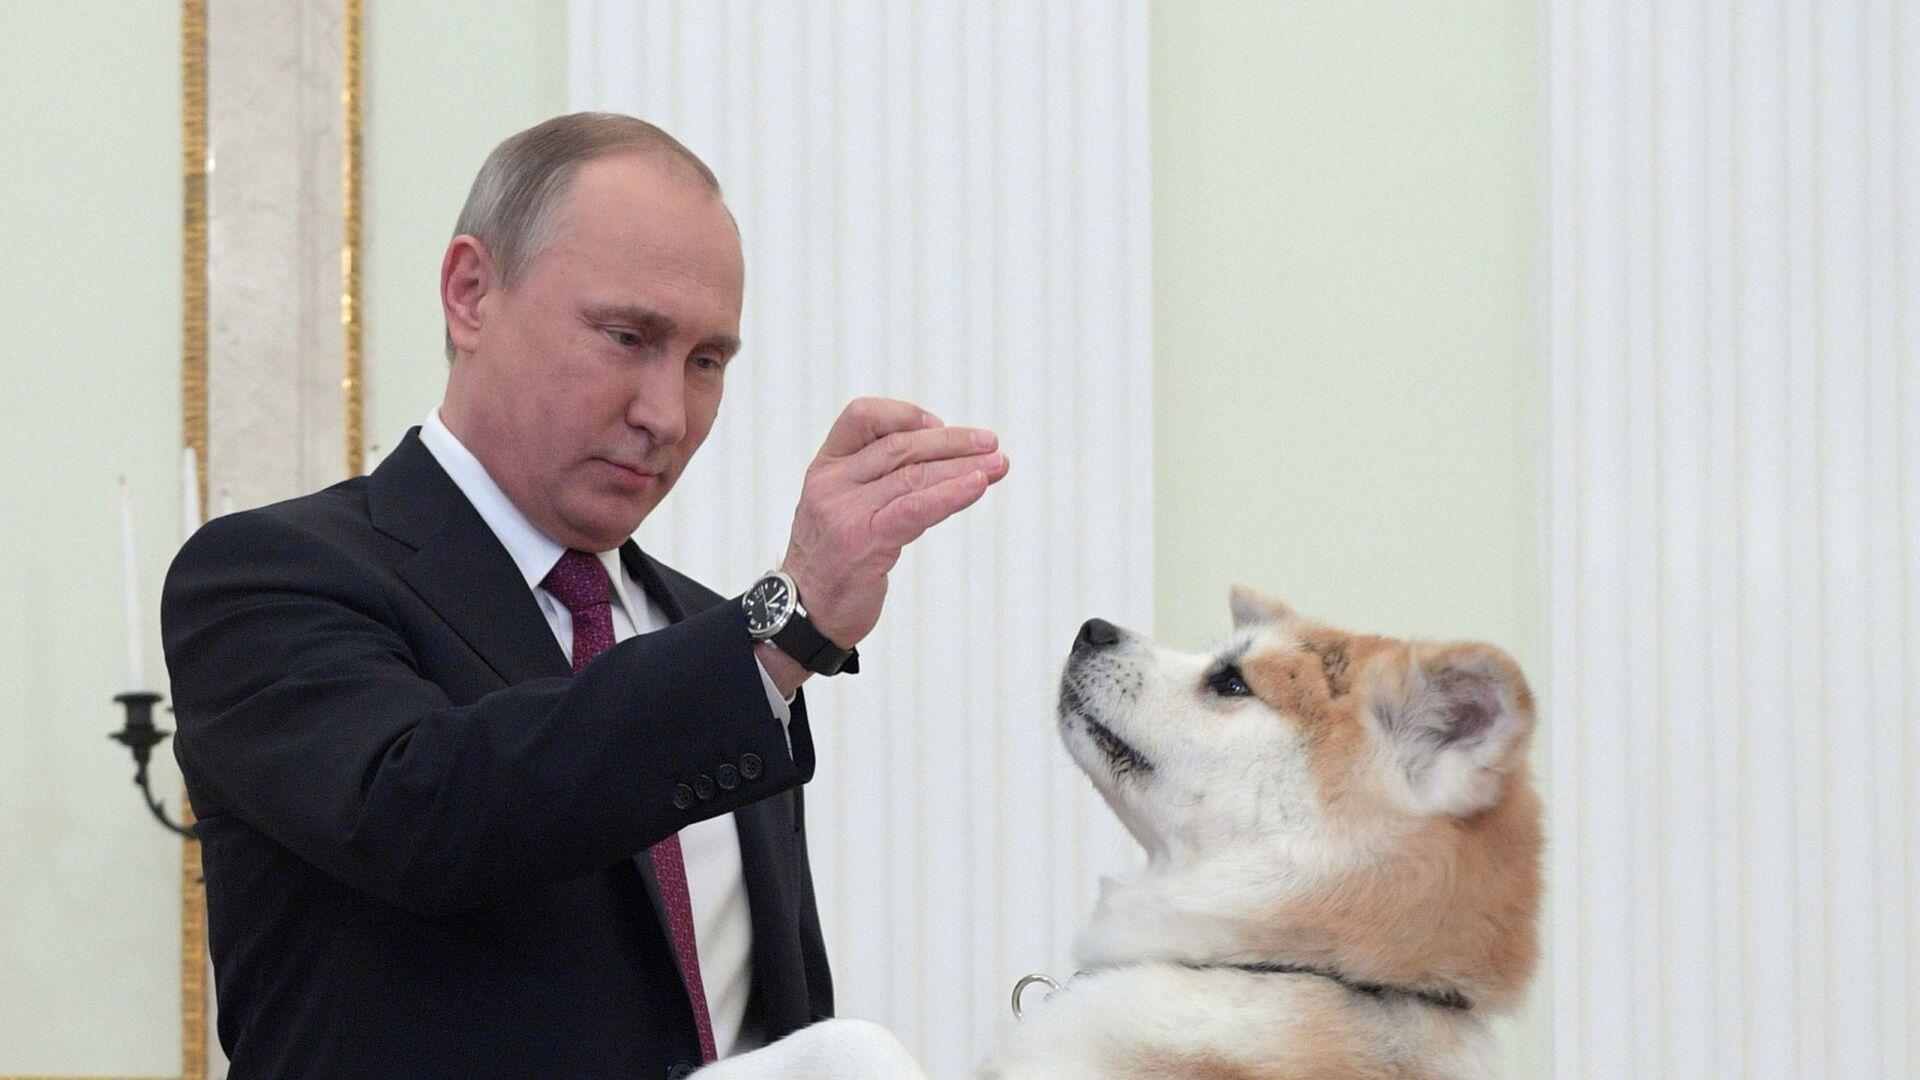 Президент России Владимир Путин с собакой Юмэ перед началом интервью в Кремле телекомпании Ниппон и газете Иомиури в преддверии официального визита в Японию - Sputnik Polska, 1920, 05.09.2021